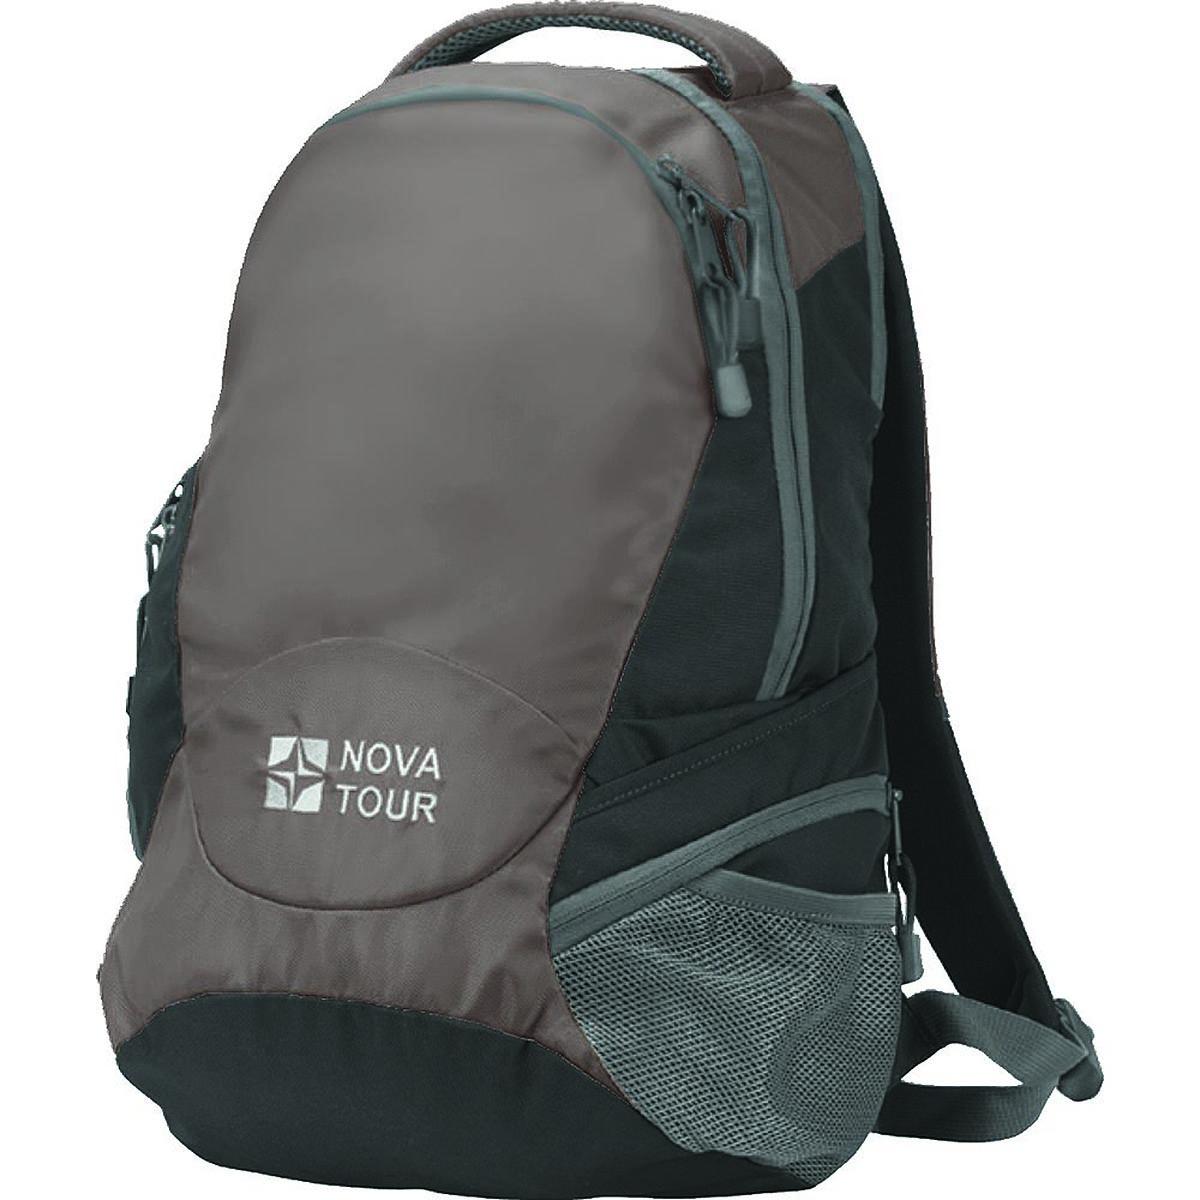 Рюкзак городской Nova Tour Атом 22, цвет: темно-коричневый, 22 л рыболовный жилет fisherman nova tour вестер 95734 530 l